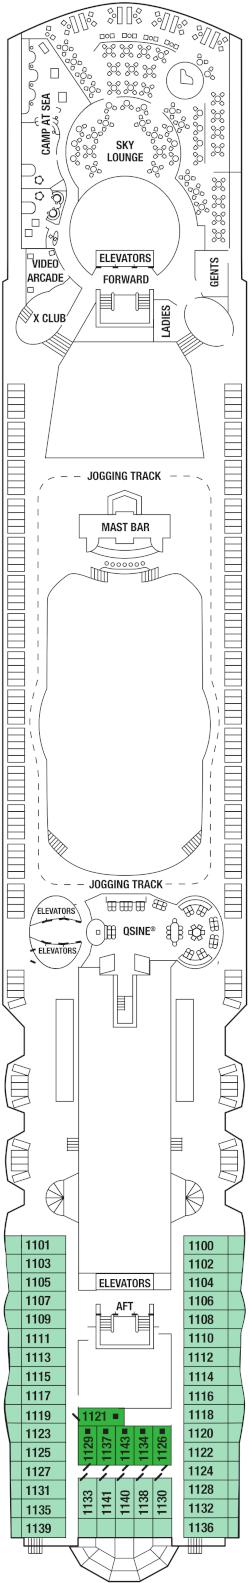 Celebrity Summit Deck 11 Deck Plan